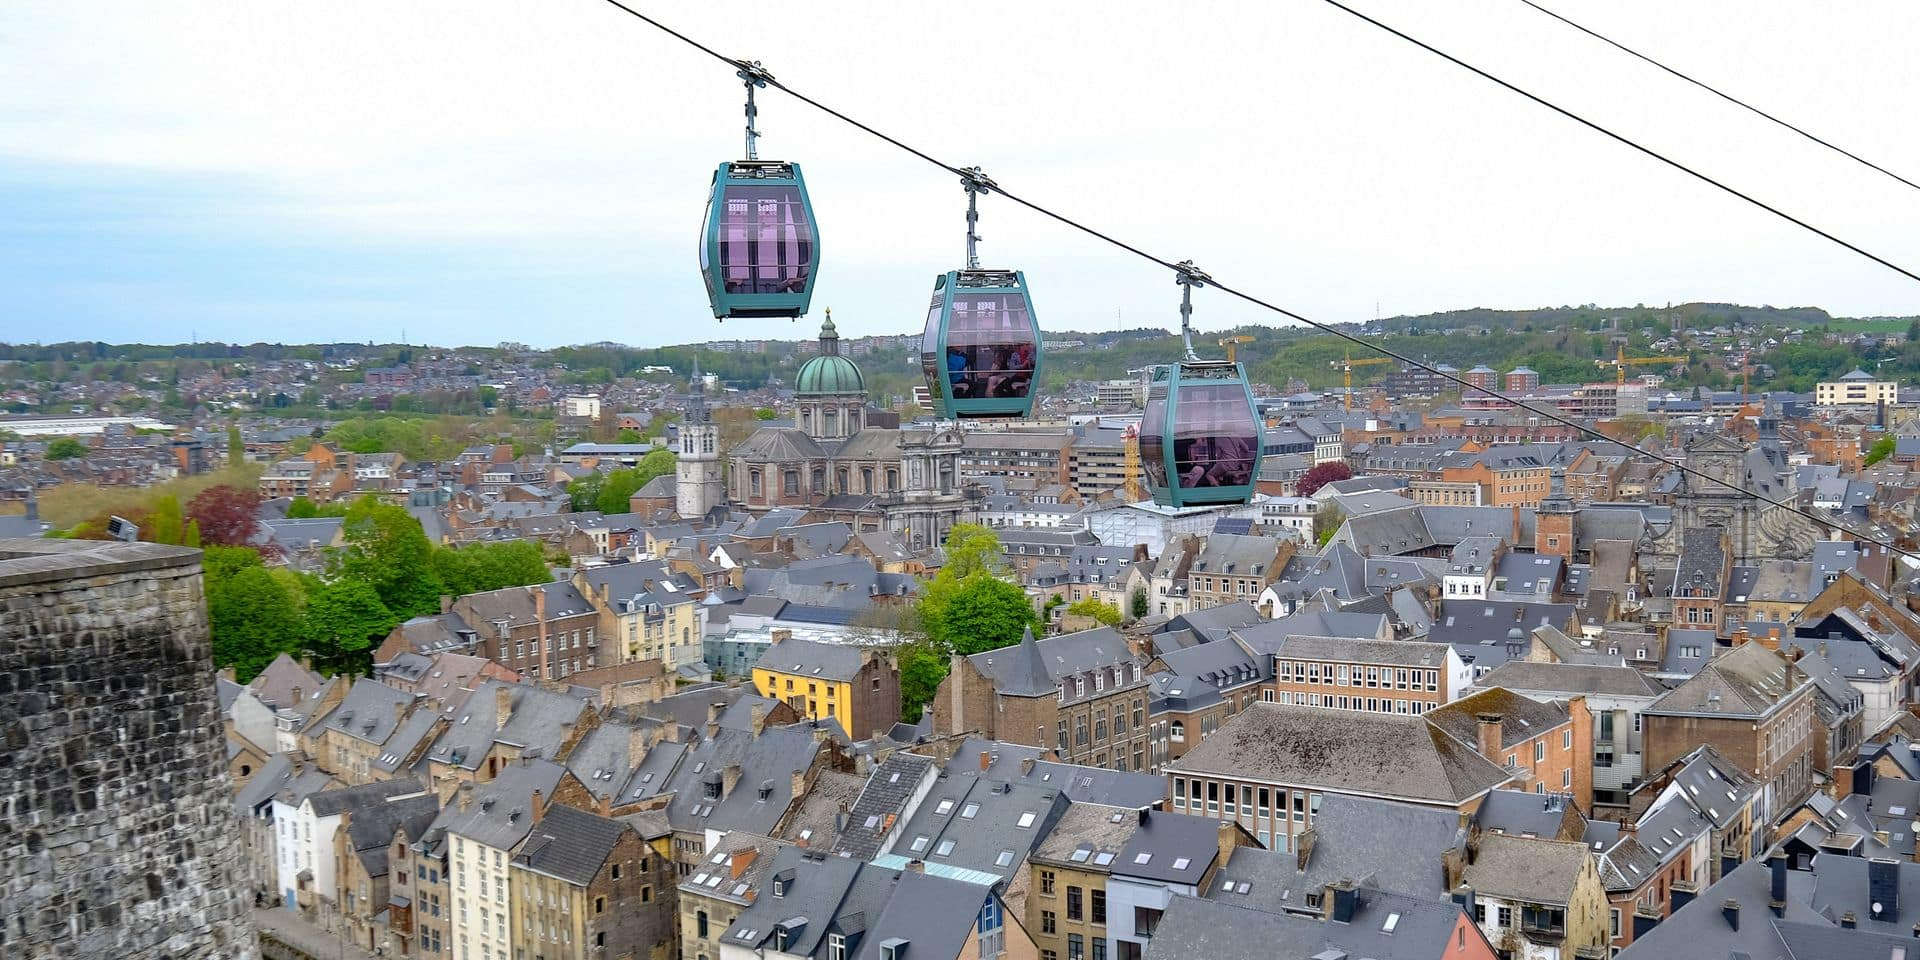 À la rentrée, le téléphérique de Namur emmènera les enfants à l'école